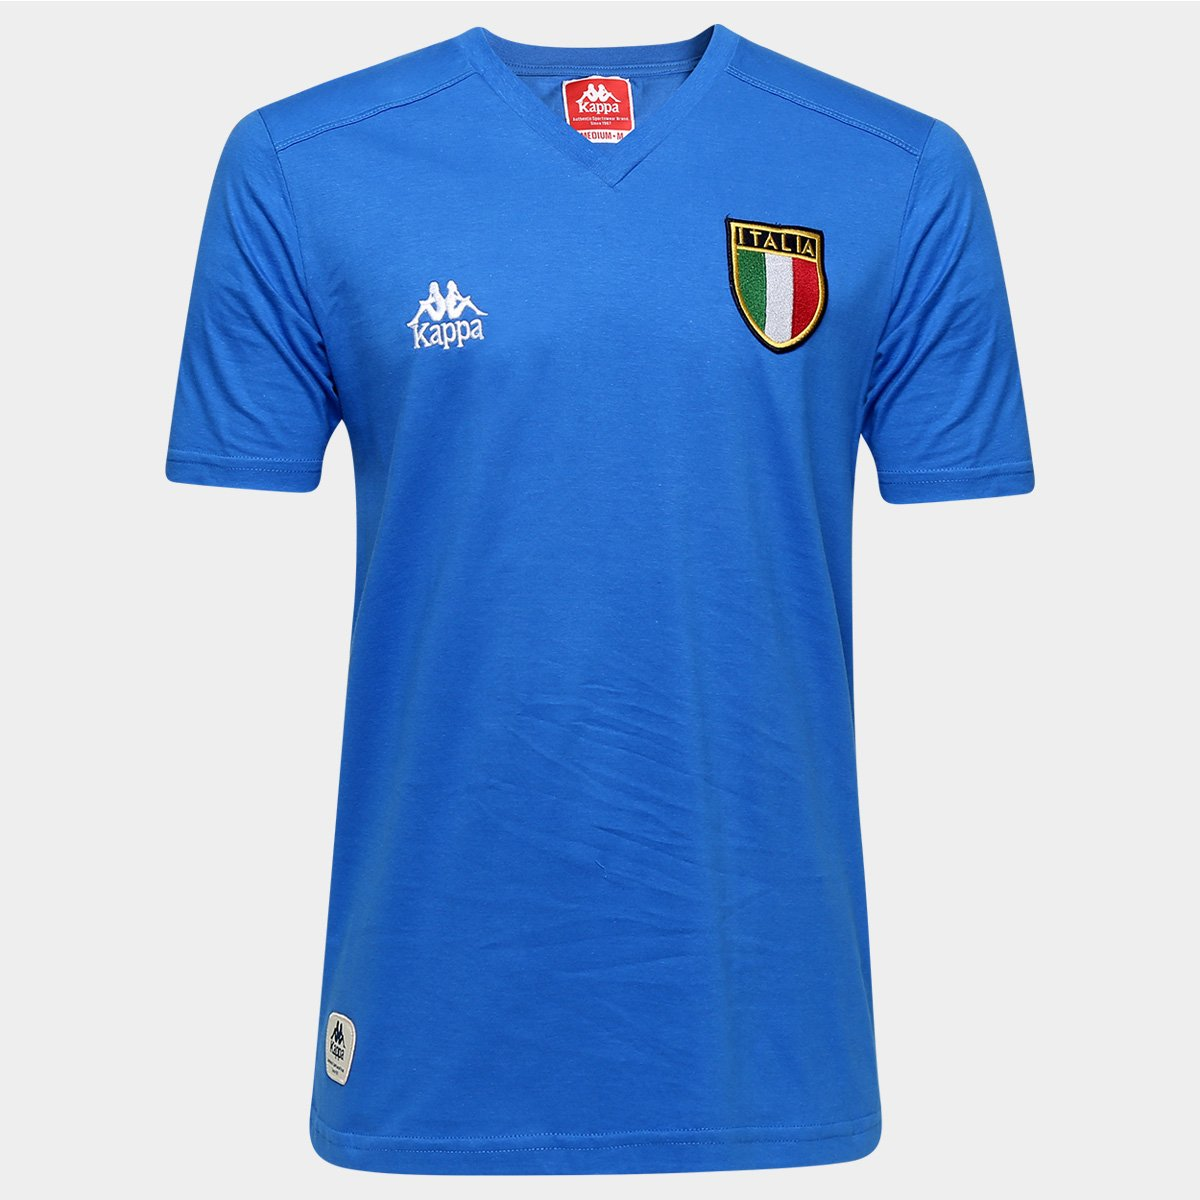 Camisa Kappa Itália 1999 - Compre Agora  ad8ee49a7e79b